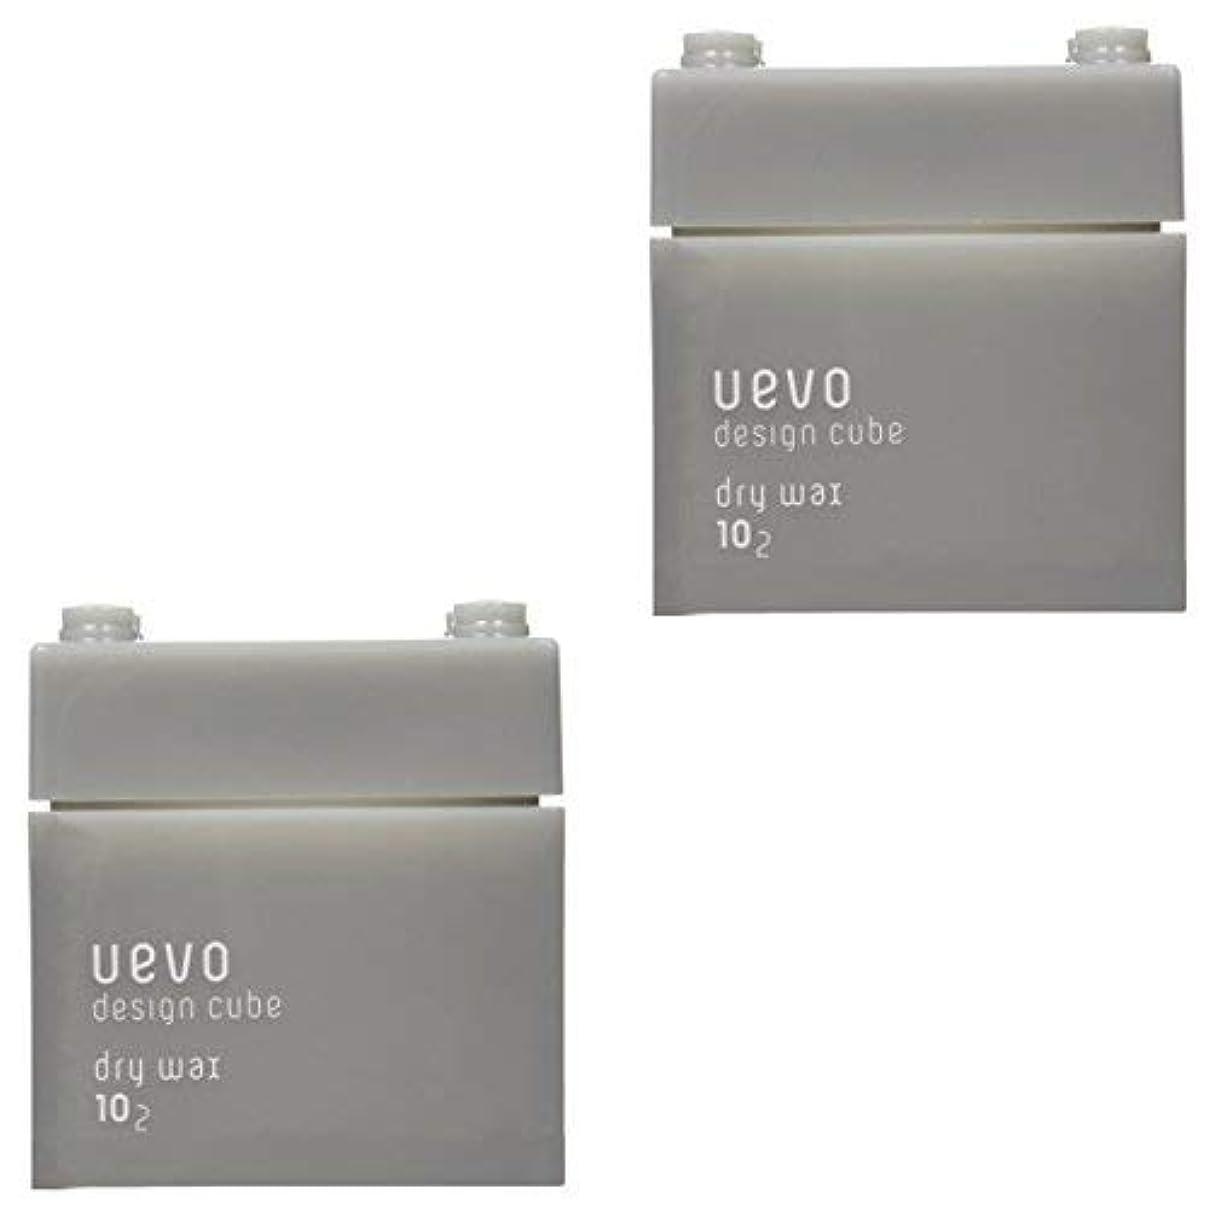 チケット工夫するメタルライン【X2個セット】 デミ ウェーボ デザインキューブ ドライワックス 80g dry wax DEMI uevo design cube